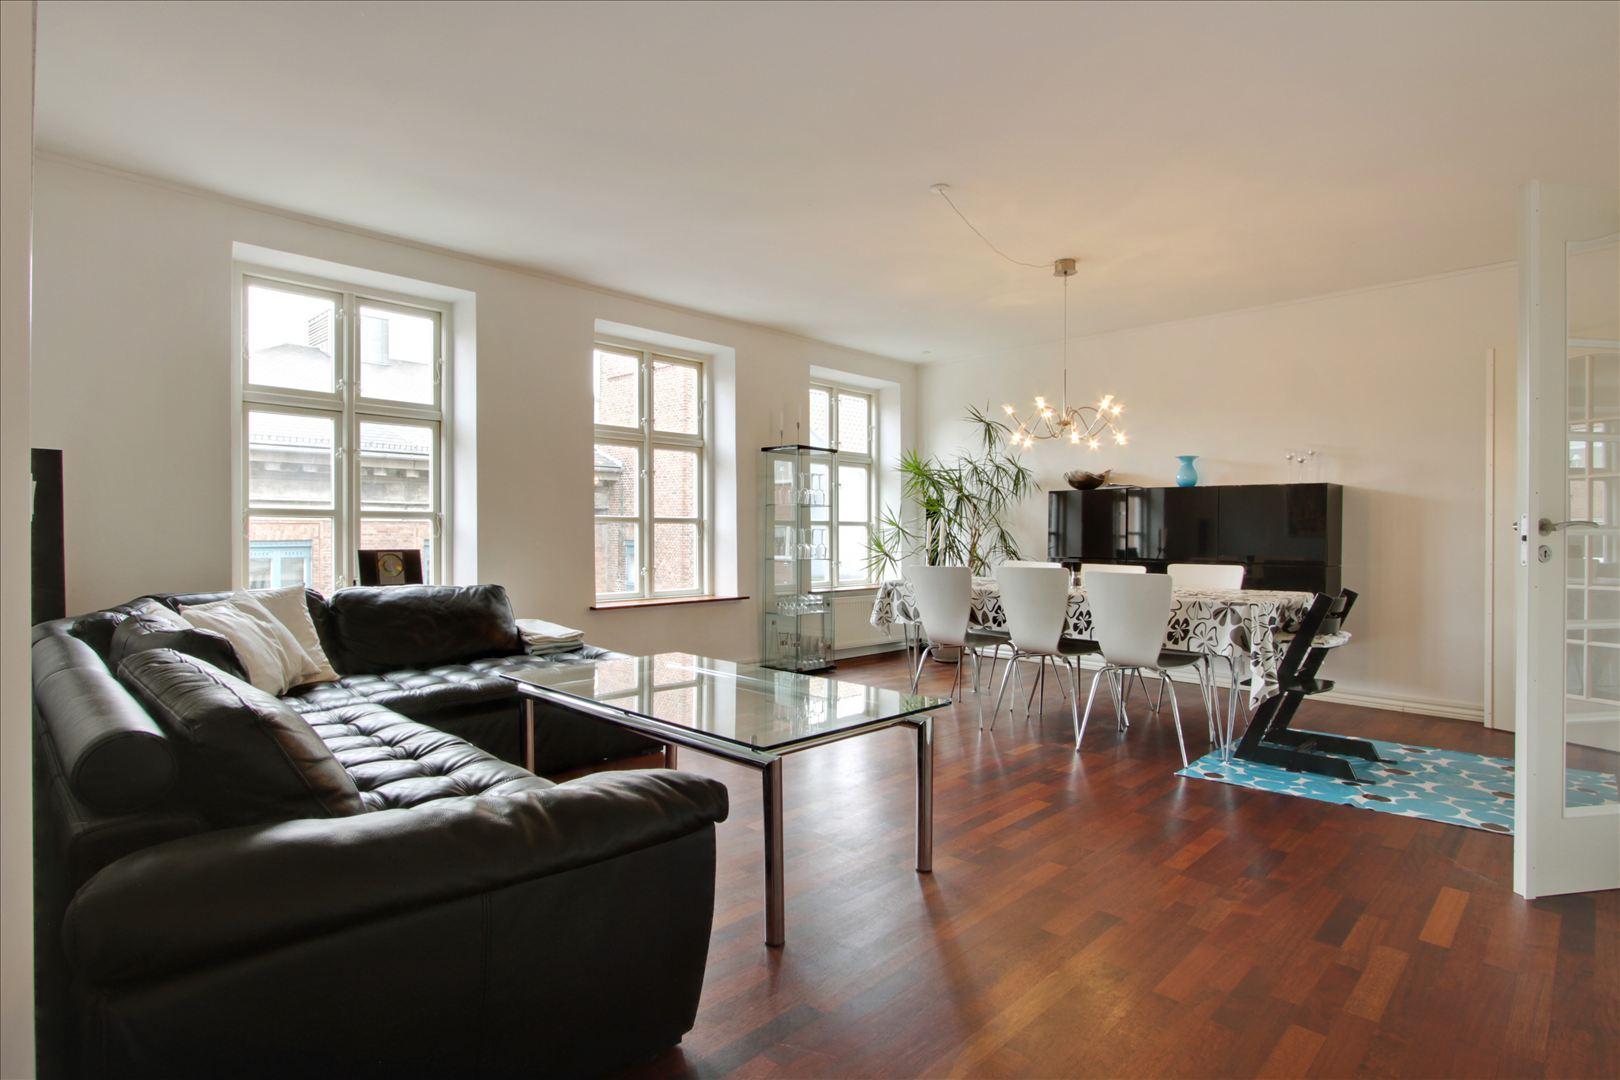 Rummelig stue med franske døre mod køkkenet. Der er ens trægulve i hele lejligheden og der er ingen bundstykker i dørene for, at lave overgangen fra de enkelte rum pænere.